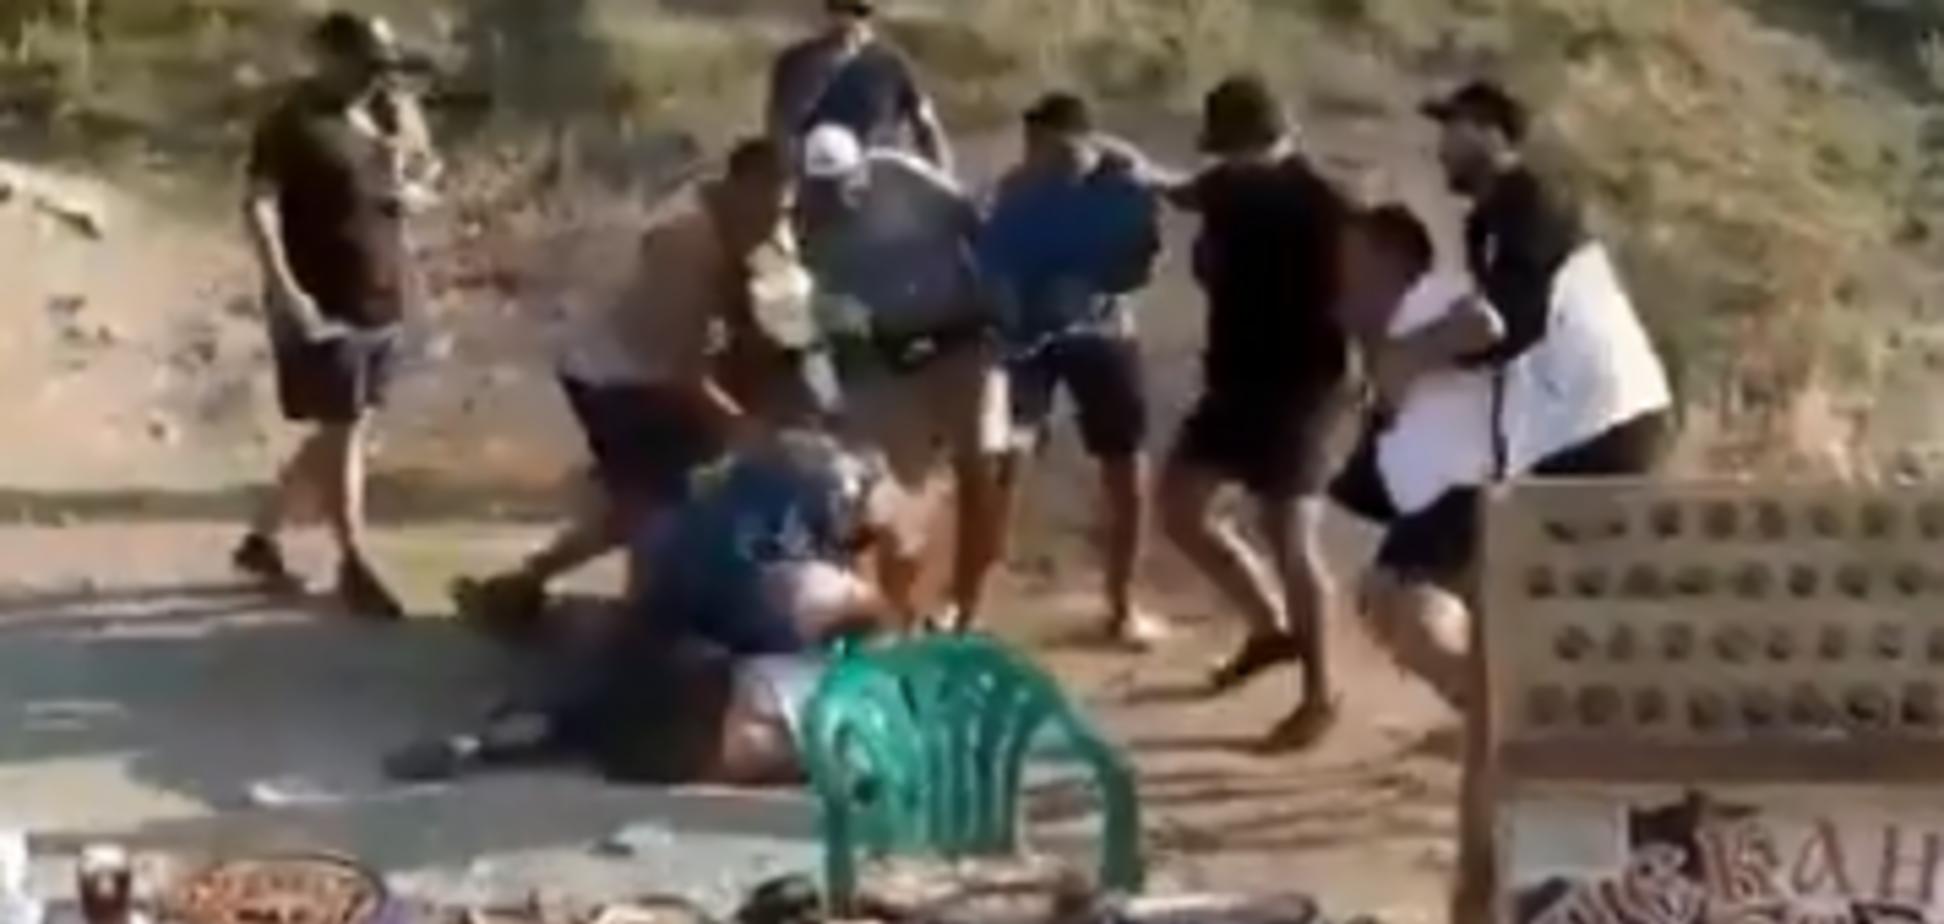 Отказались платить за фото: в Крыму толпа жестоко избила туристов. Видео 18+